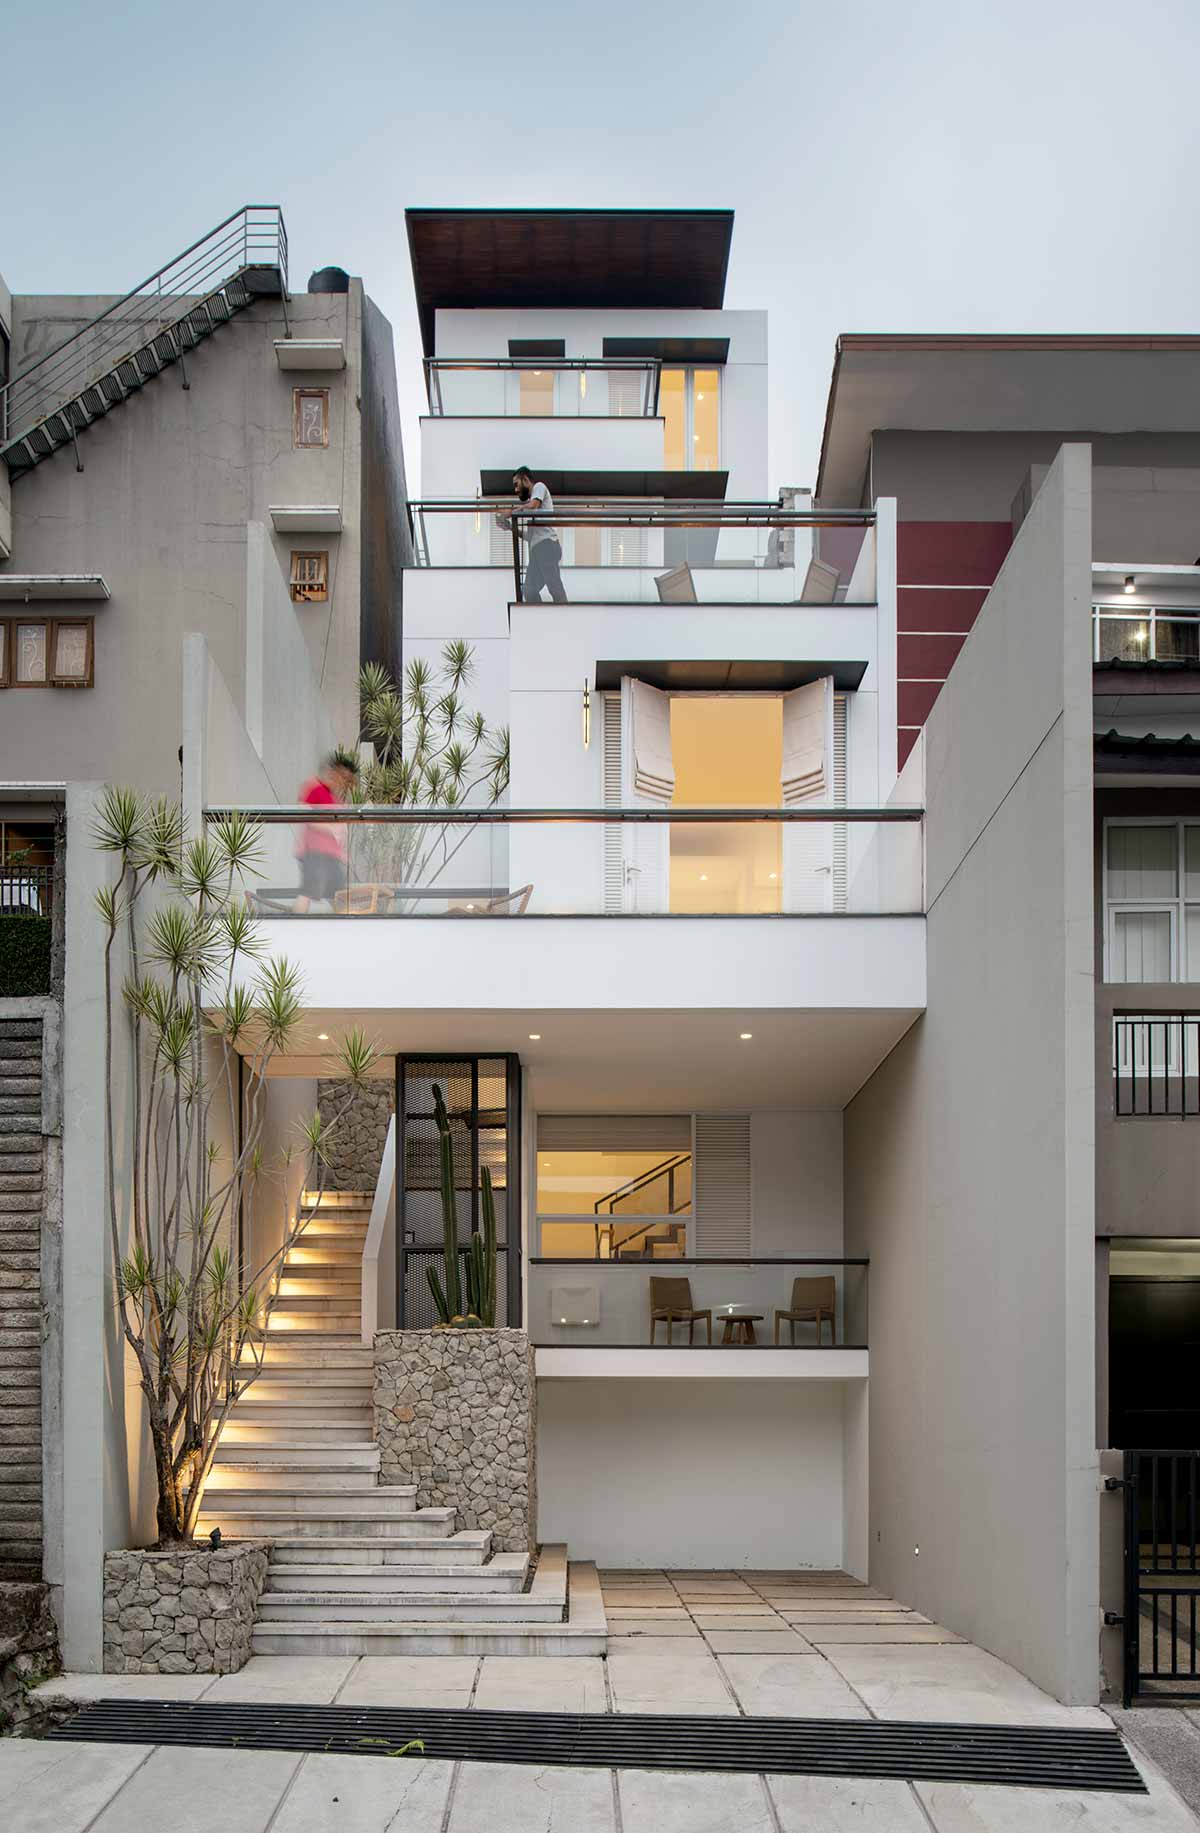 Desain Rumah Minimalis Di Tanah Miring Diariodecambioradical